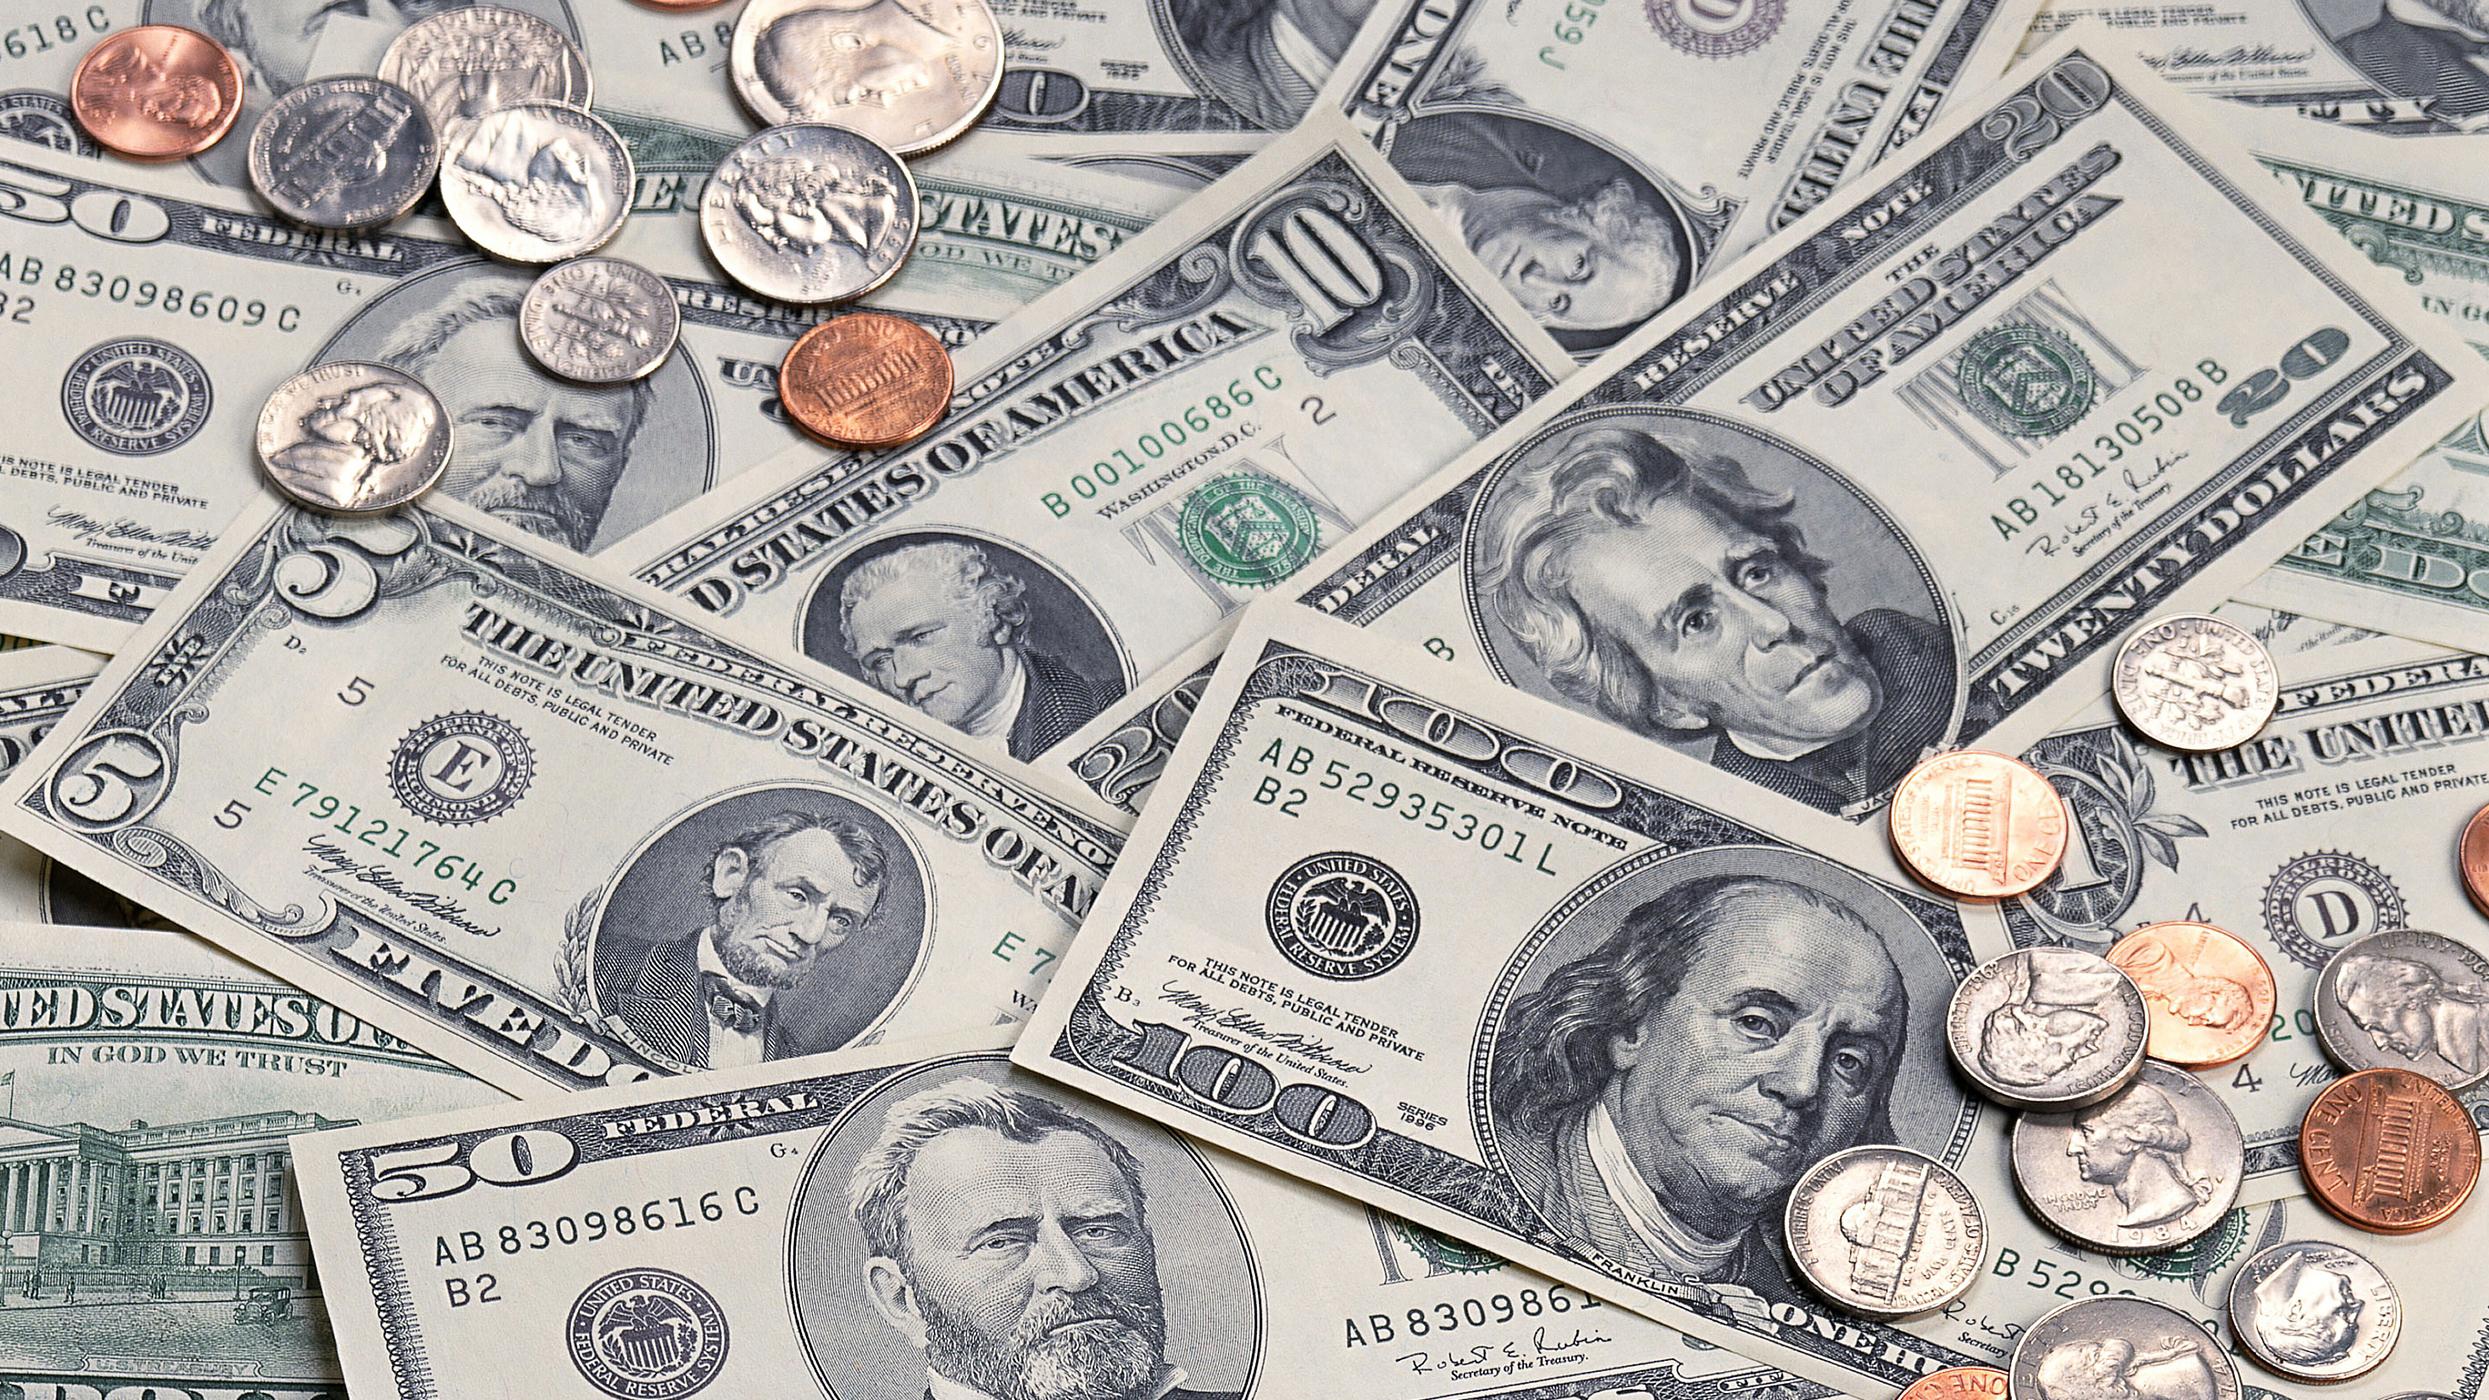 भारतीय मुद्रा कमजोर हुँदा नेपाली रुपैयाँमा असर, एकै दिन डलरको मूल्य झण्डै दुई रुपैयाँले बढ्यो